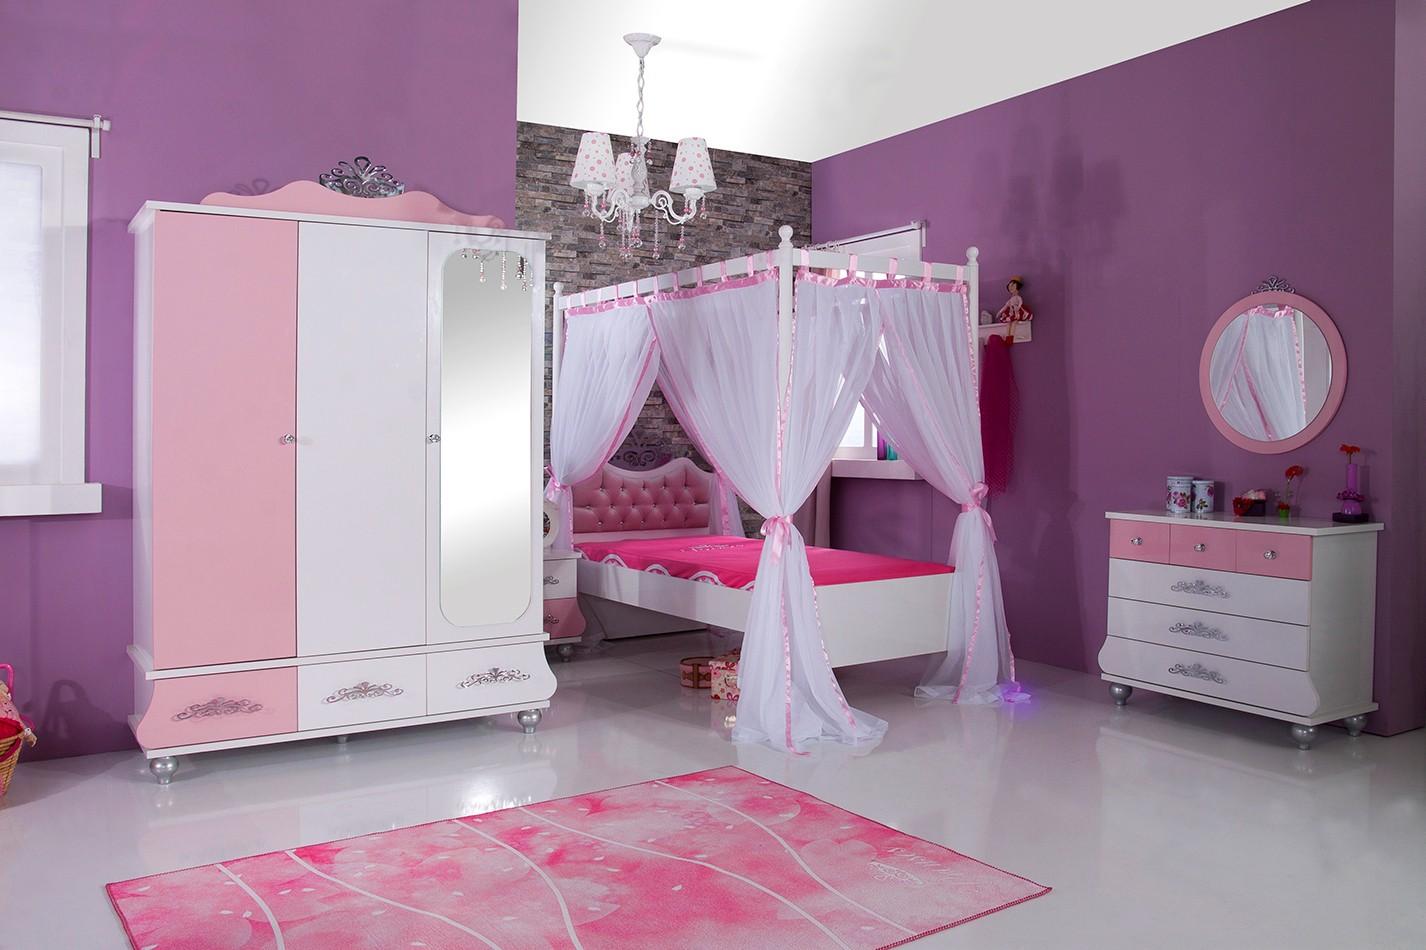 Slaapkamer Paars Wit : Kindernachtkastje roze wit prinsessenkamer meisjes specialist in